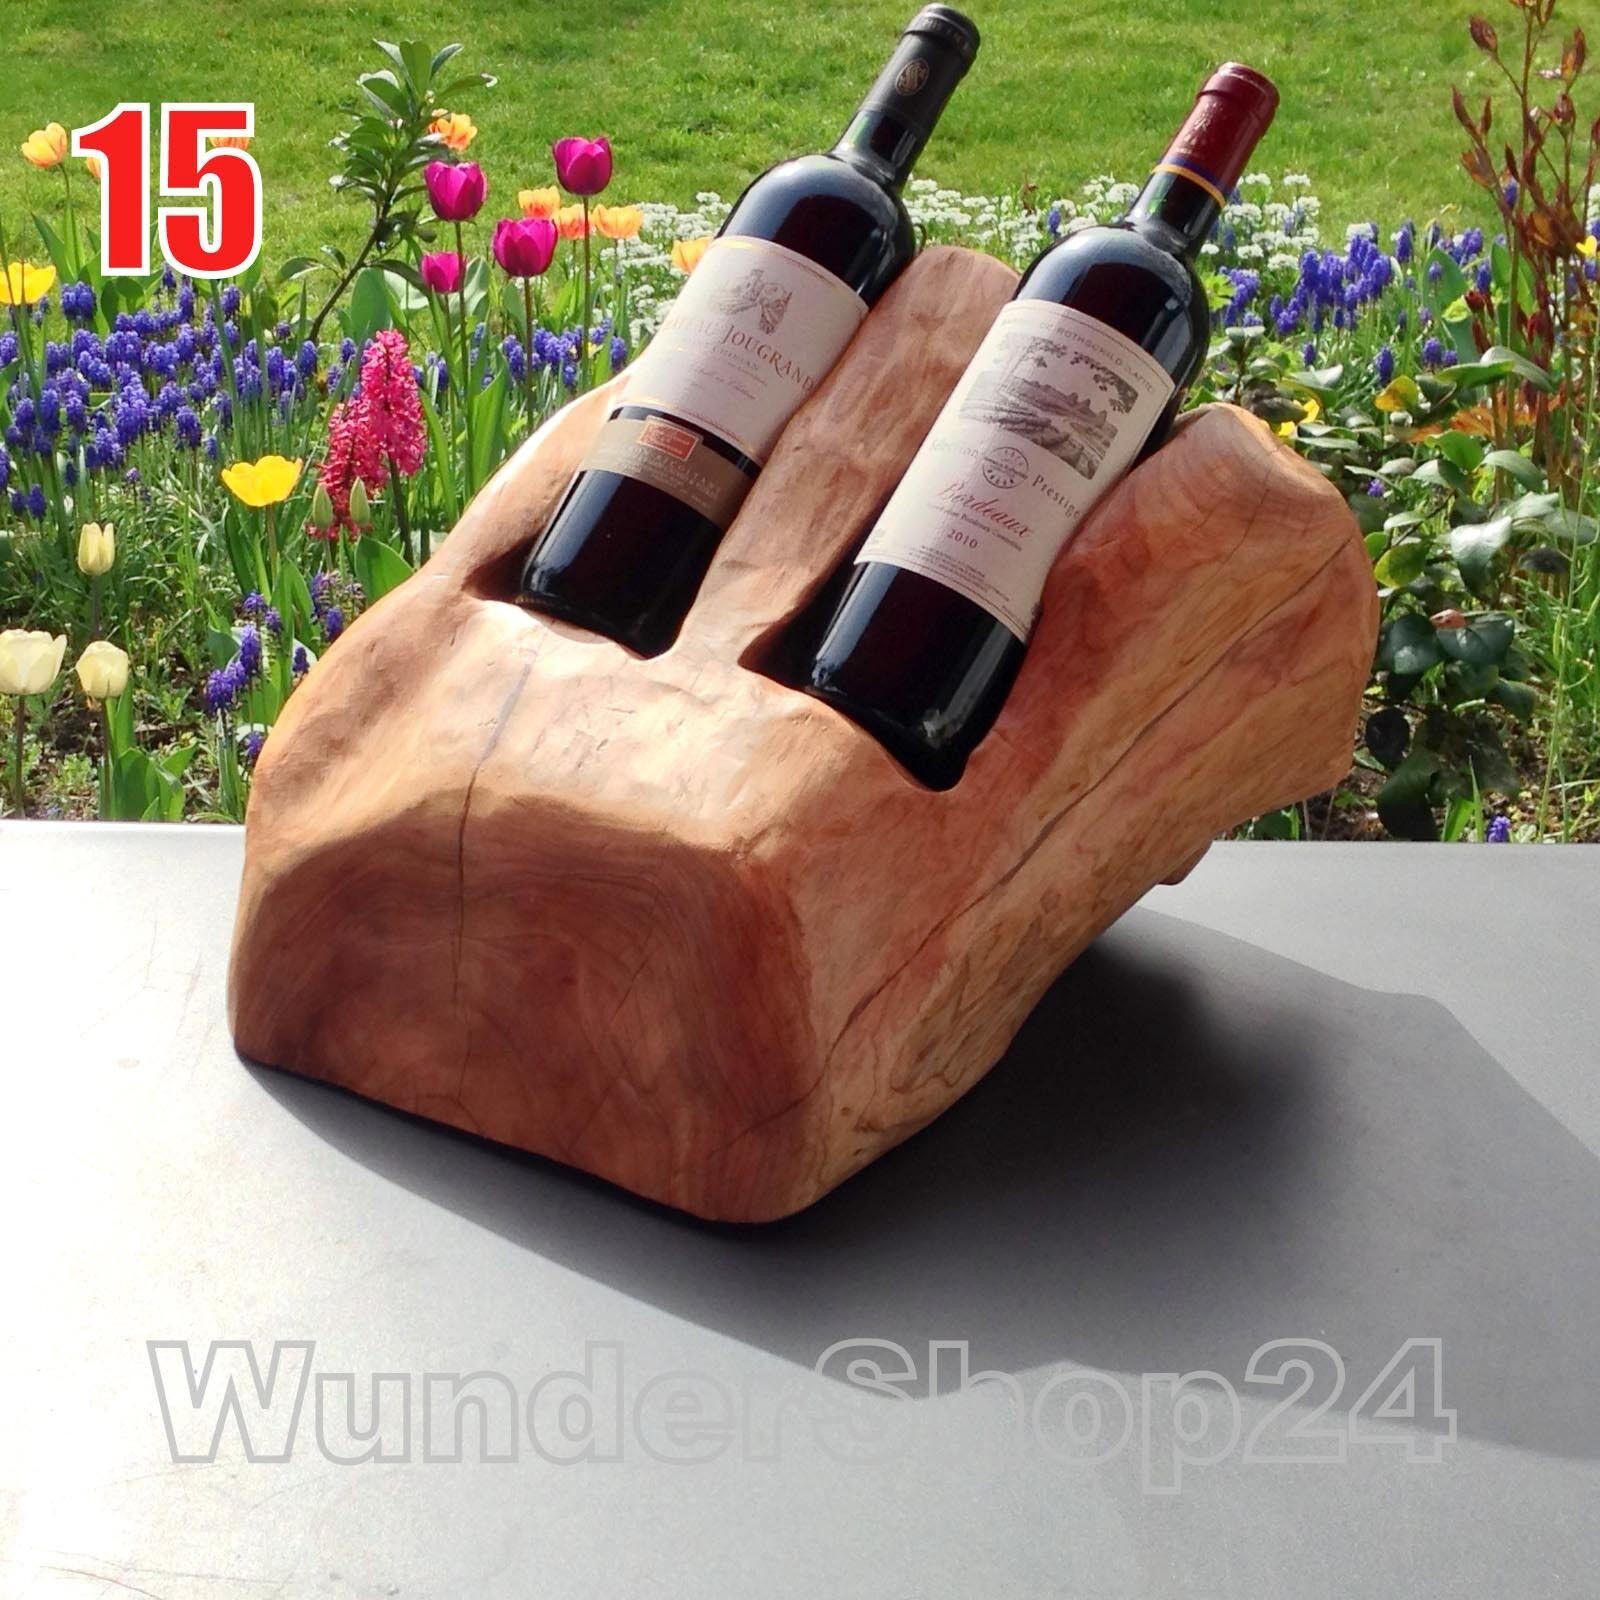 Bois Massif Racine des bouteilles Support 15 étagère à vin en Exclusivité Unique Décoration